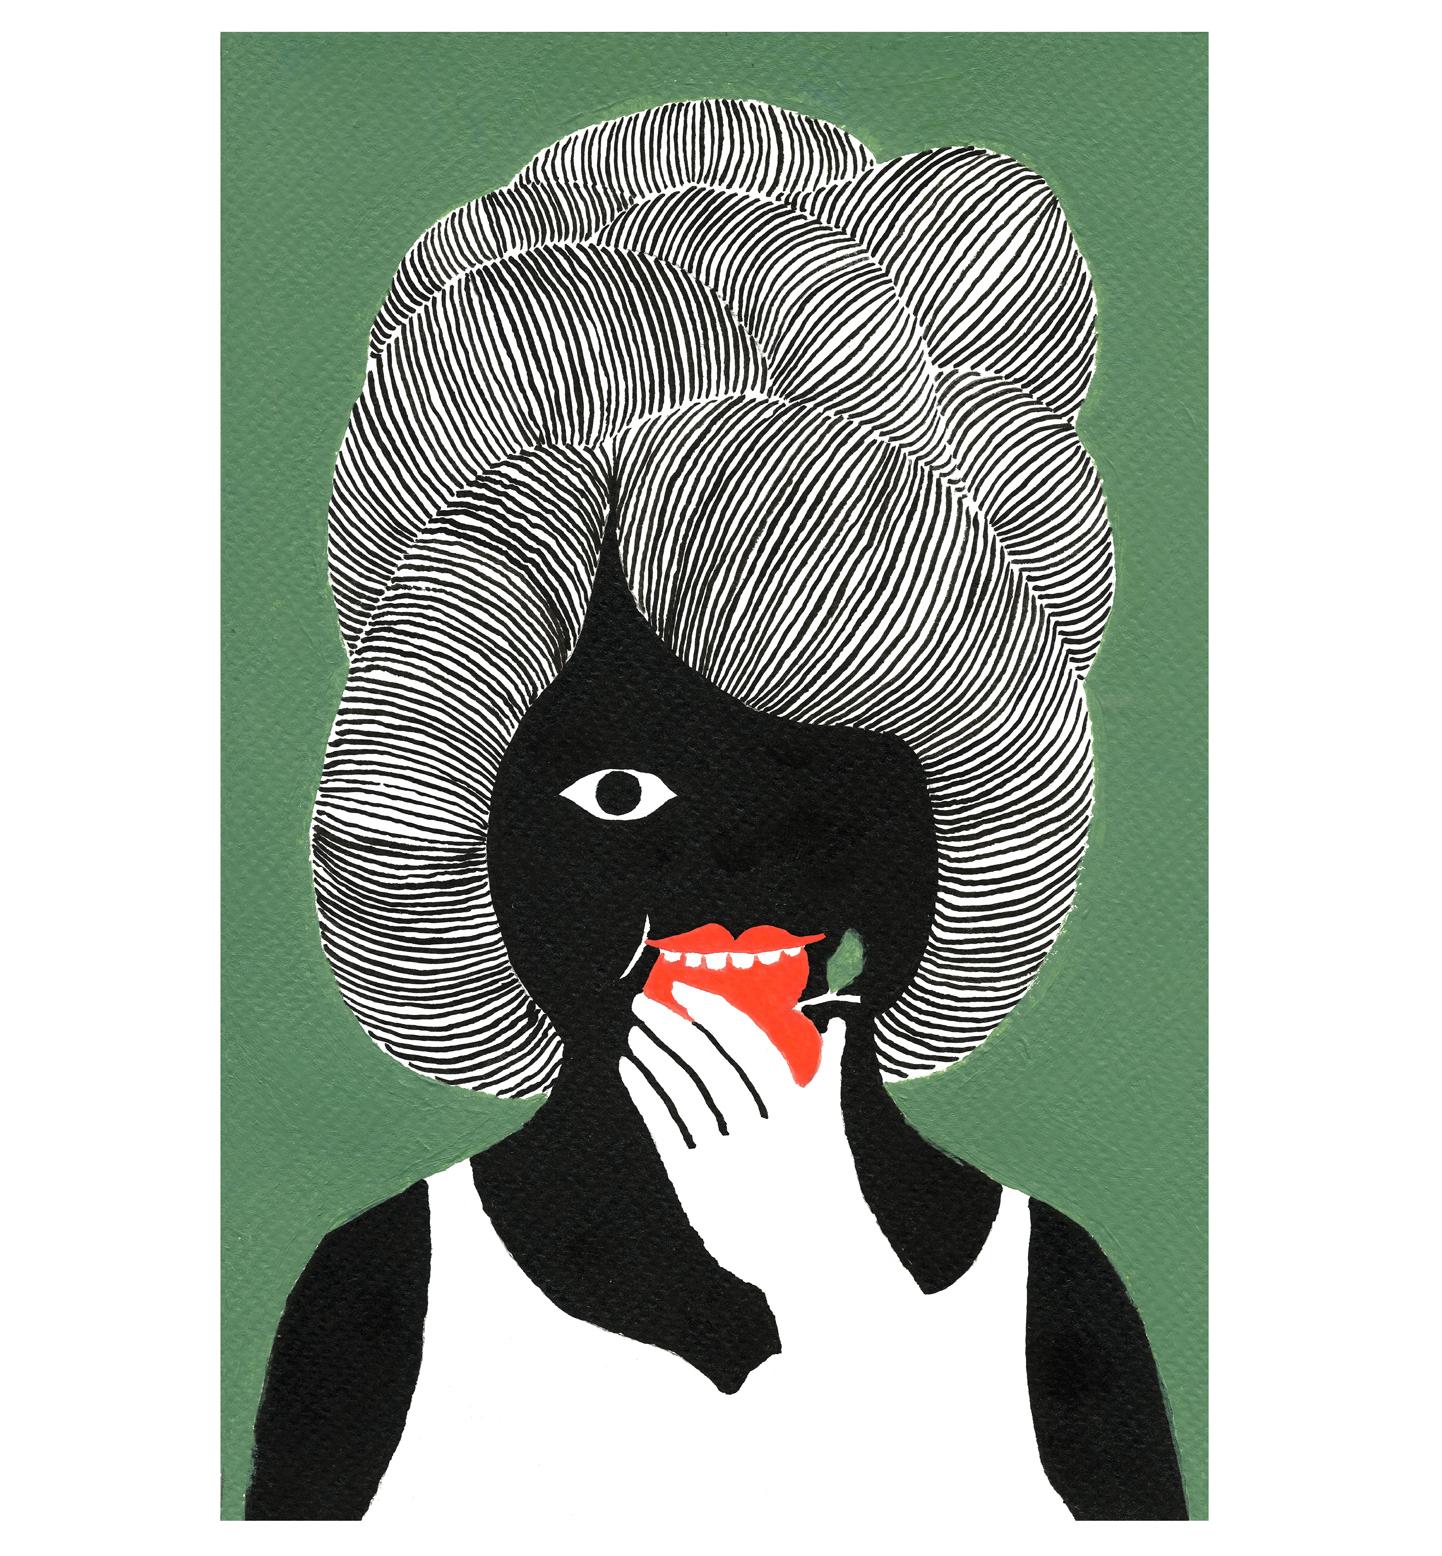 Femme Noir Mange Pomme Rouge, 2017, Tinte, Acryl auf Papier, 15,4 x 23,5 cm